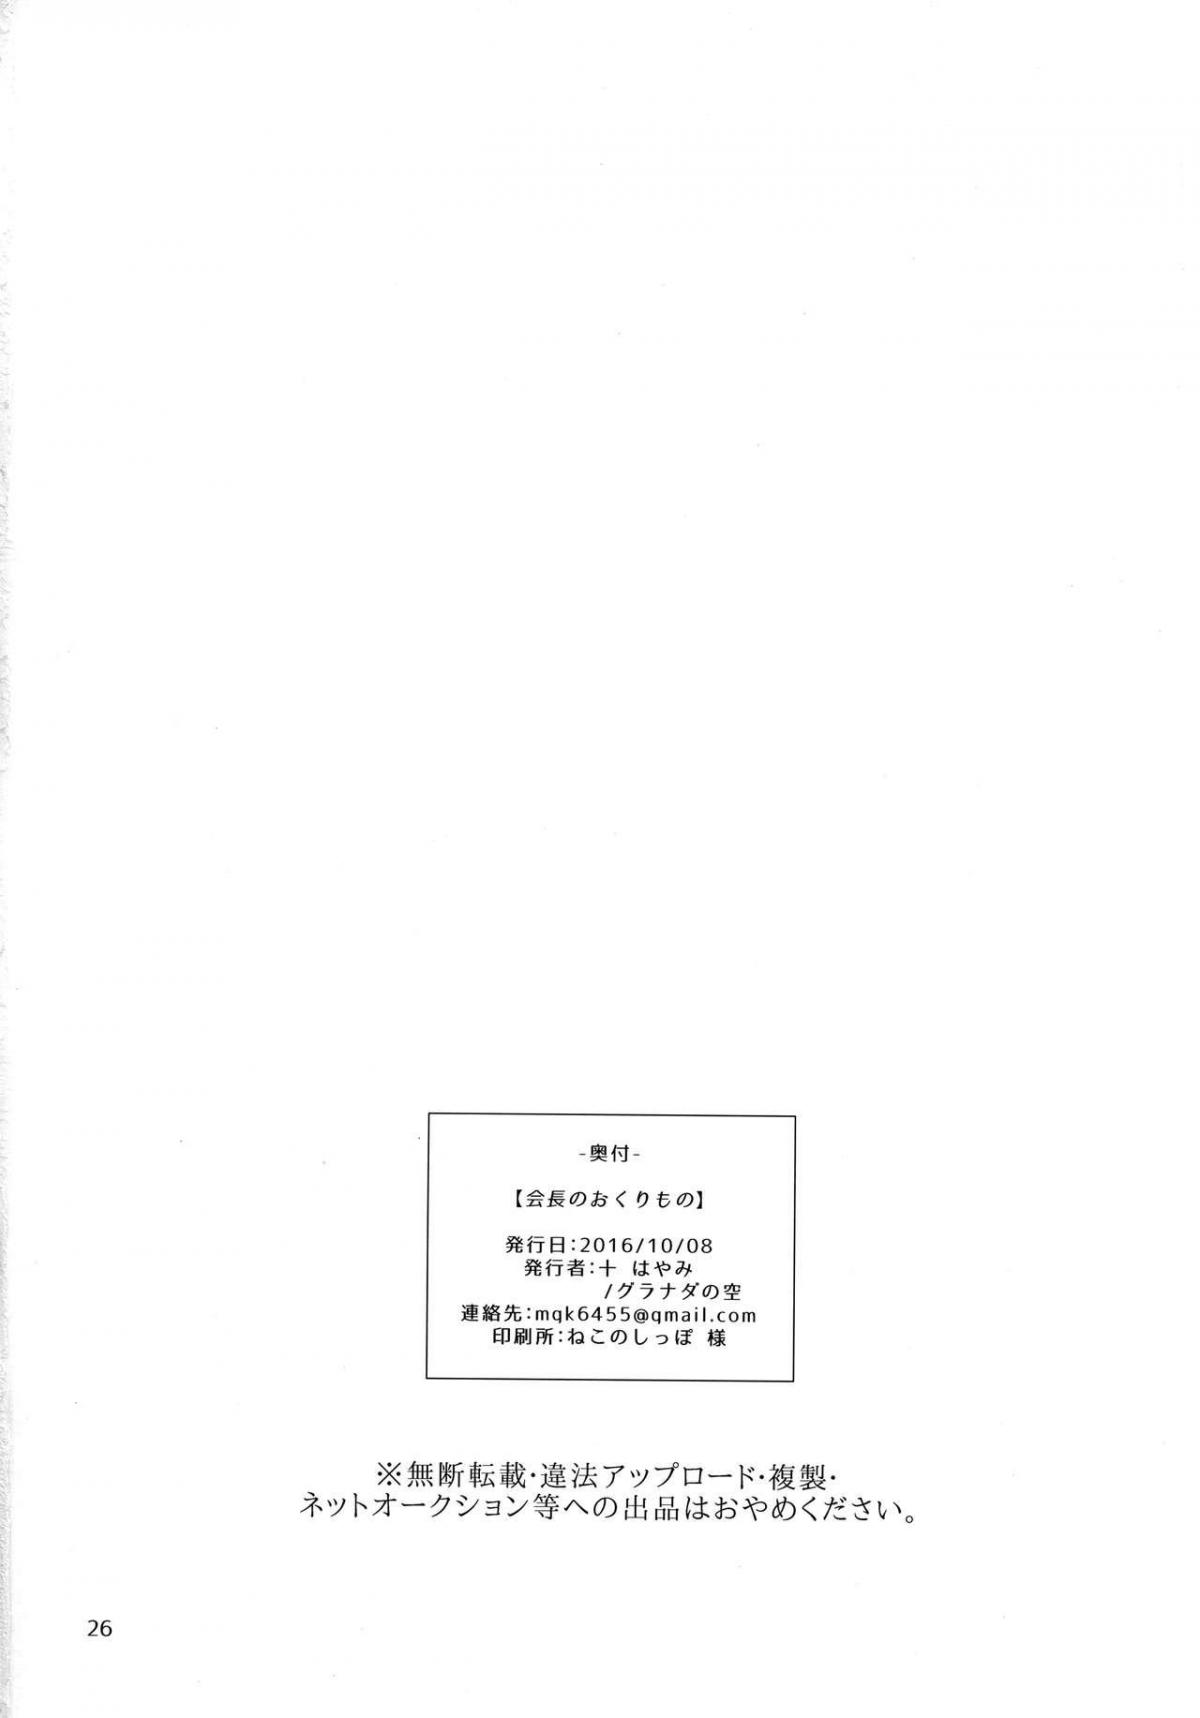 HentaiVN.net - Ảnh 26 - Kaichou no Okurimono - Oneshot